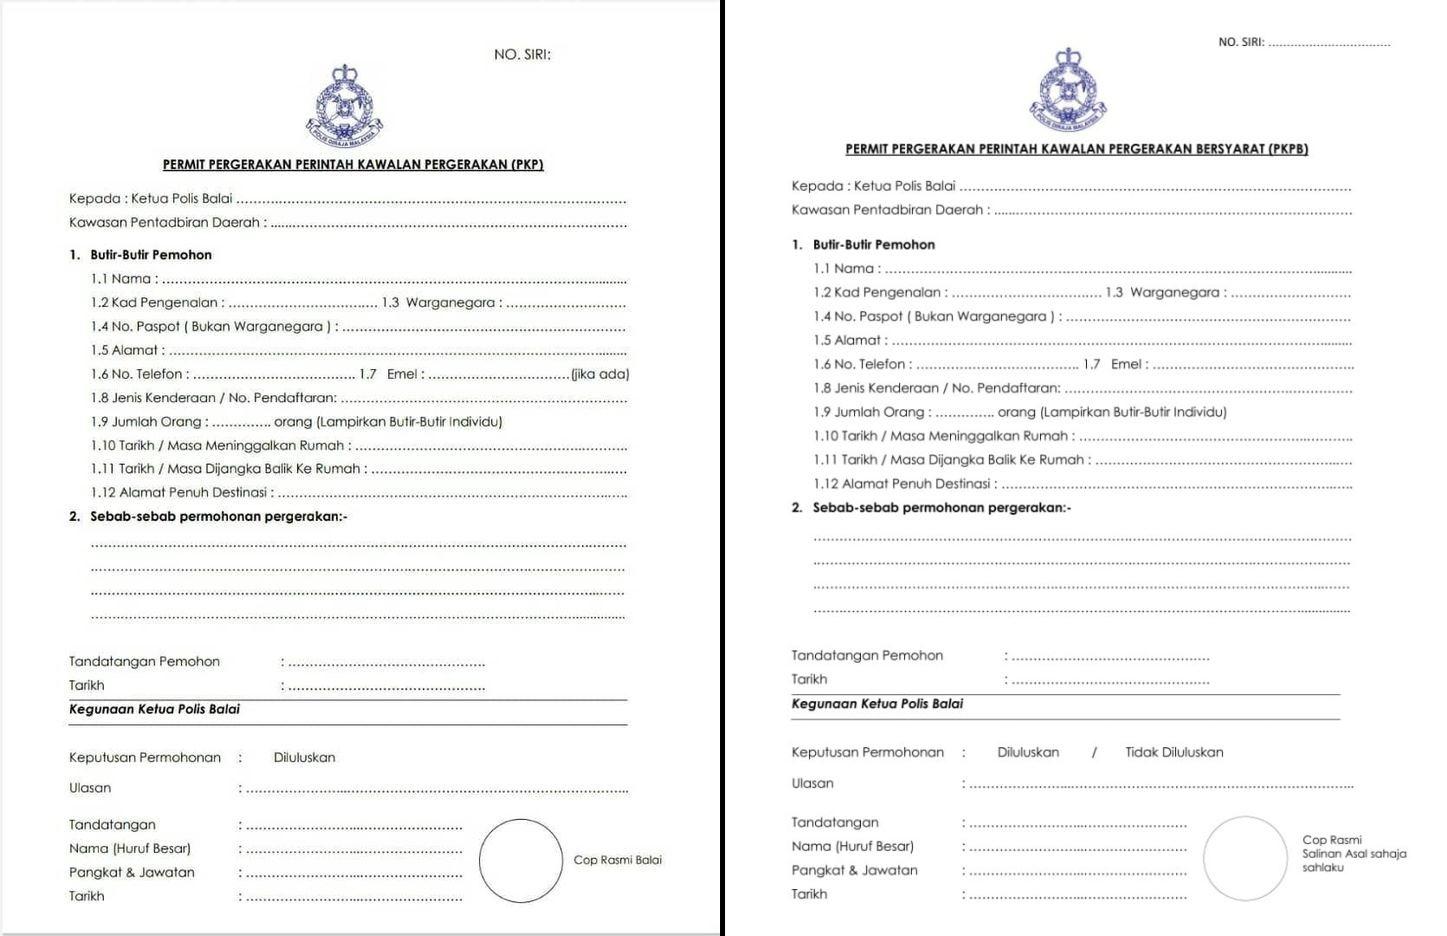 cara mohon permit pergerakan pkp & pkpb bagi tujuan rentas negeri